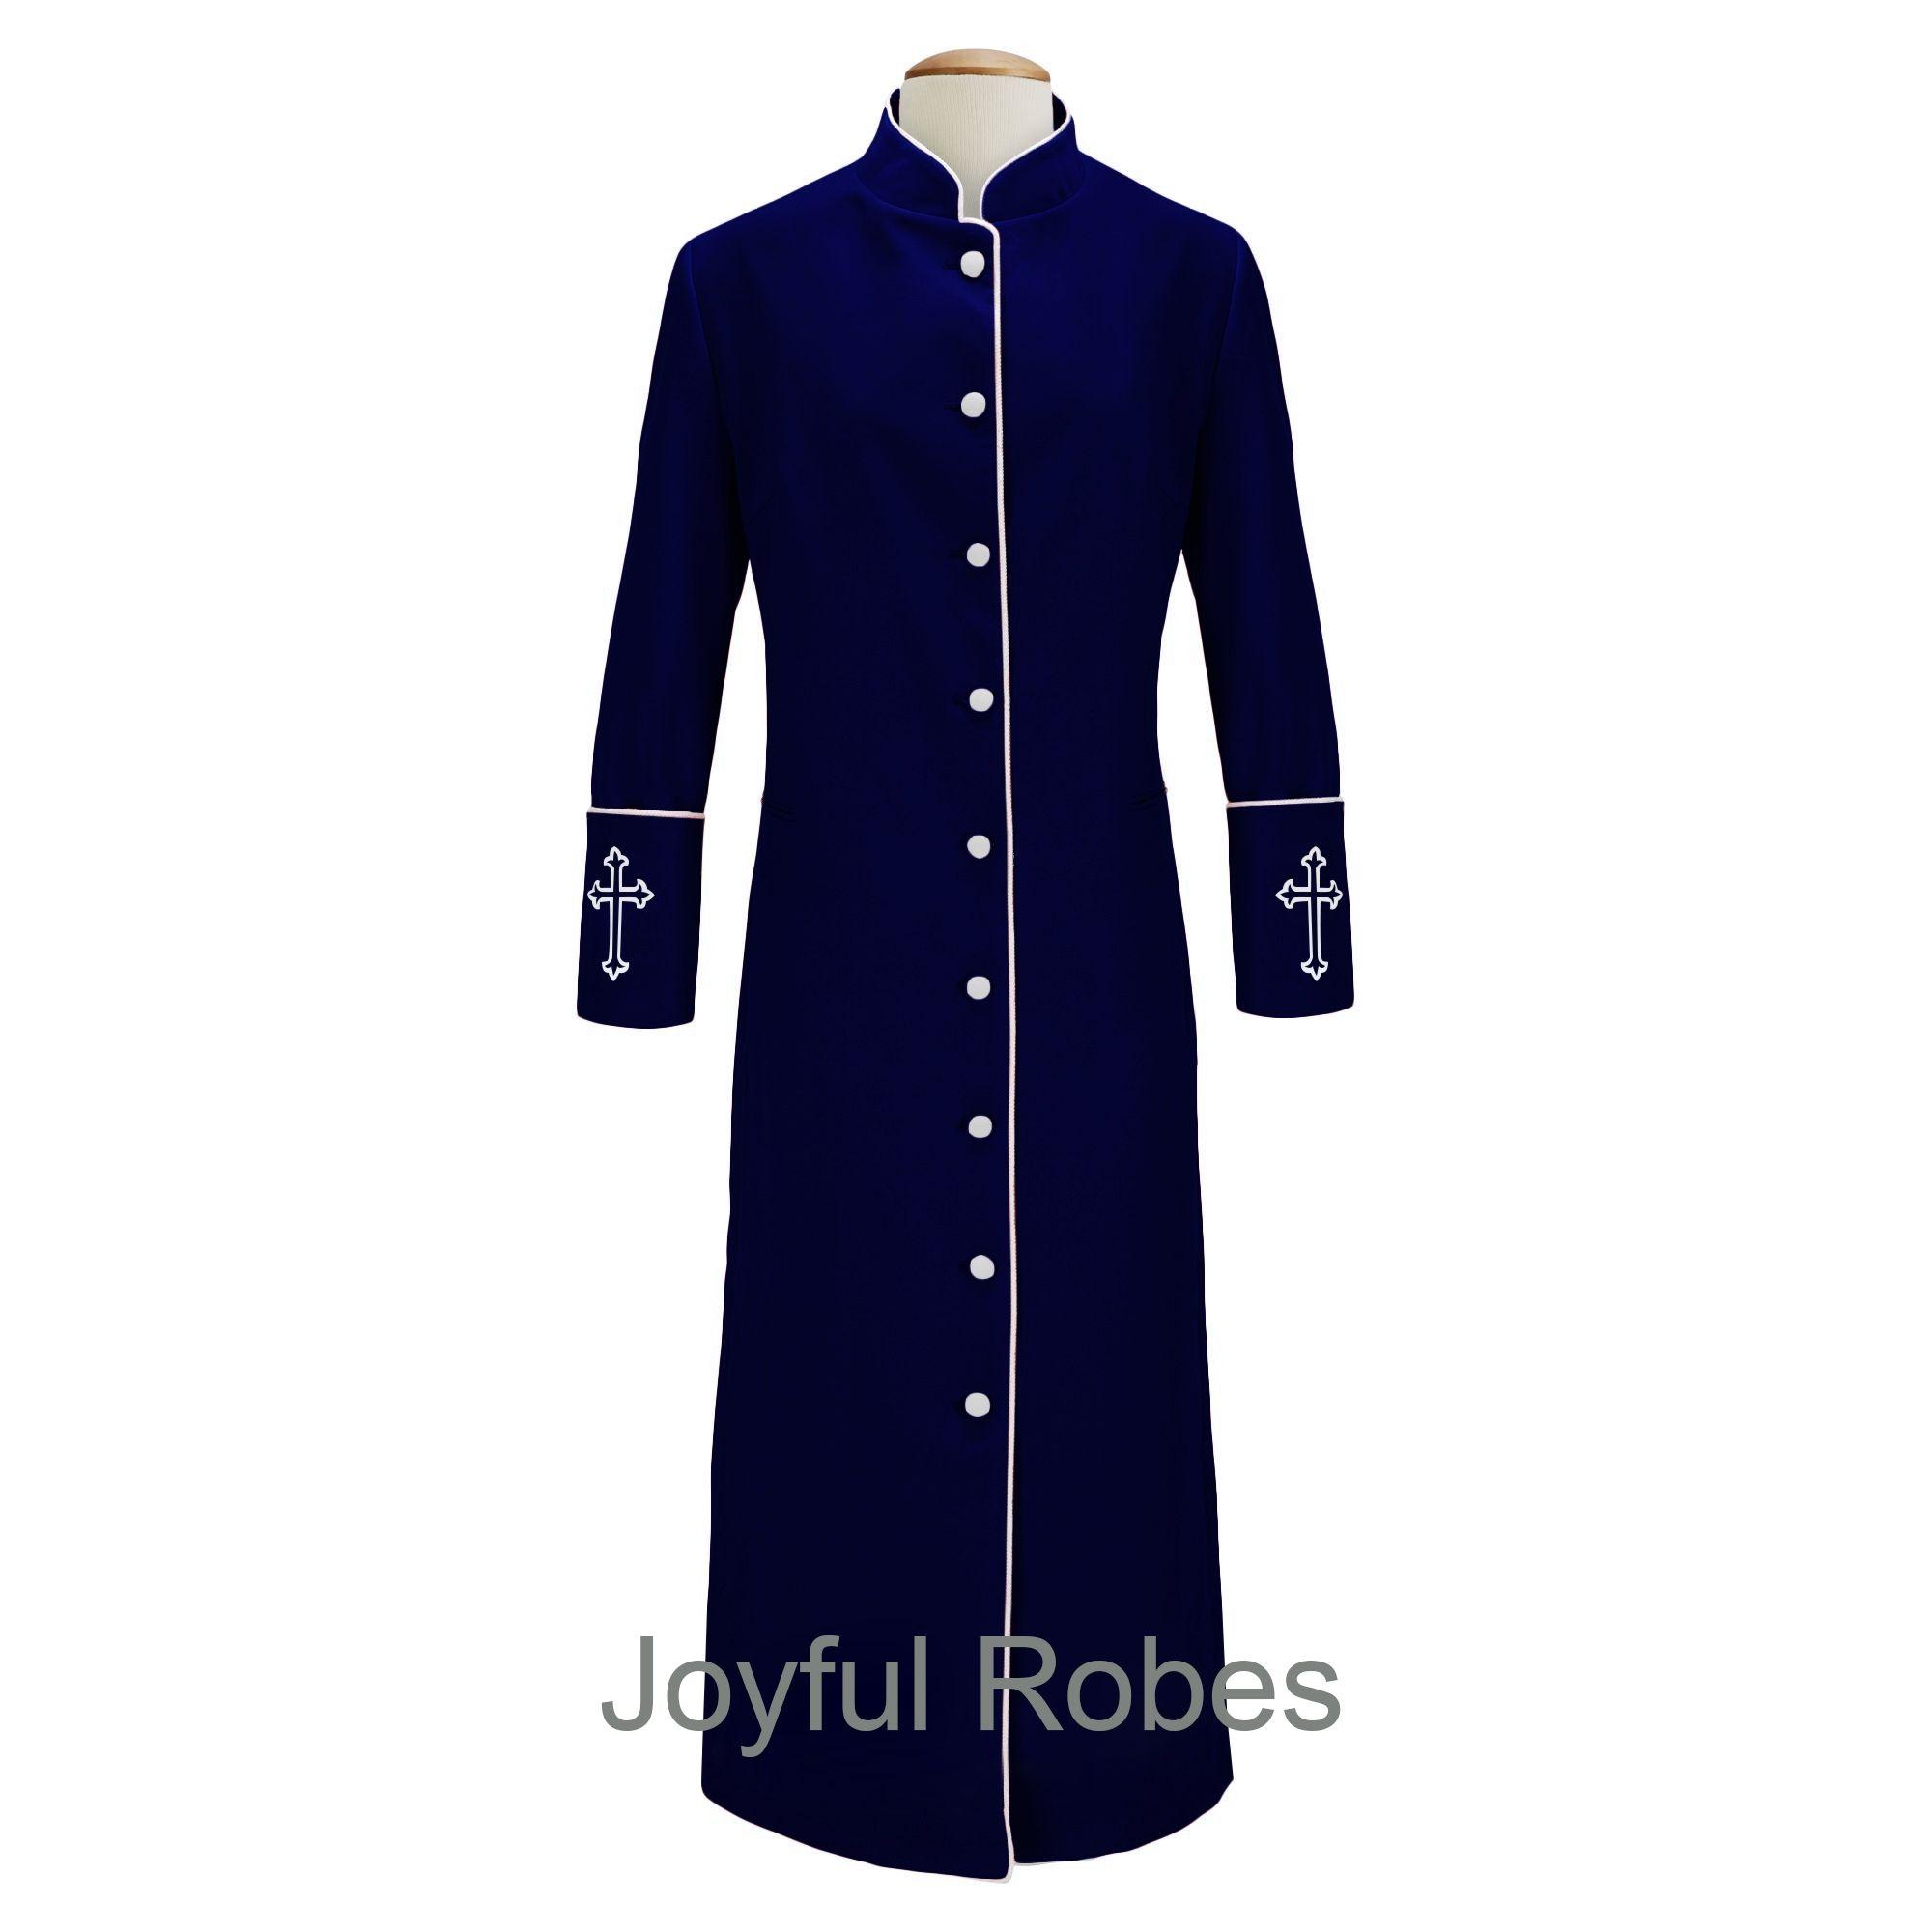 206 W. Women's Clergy/Pastor Robe Navy/White Design